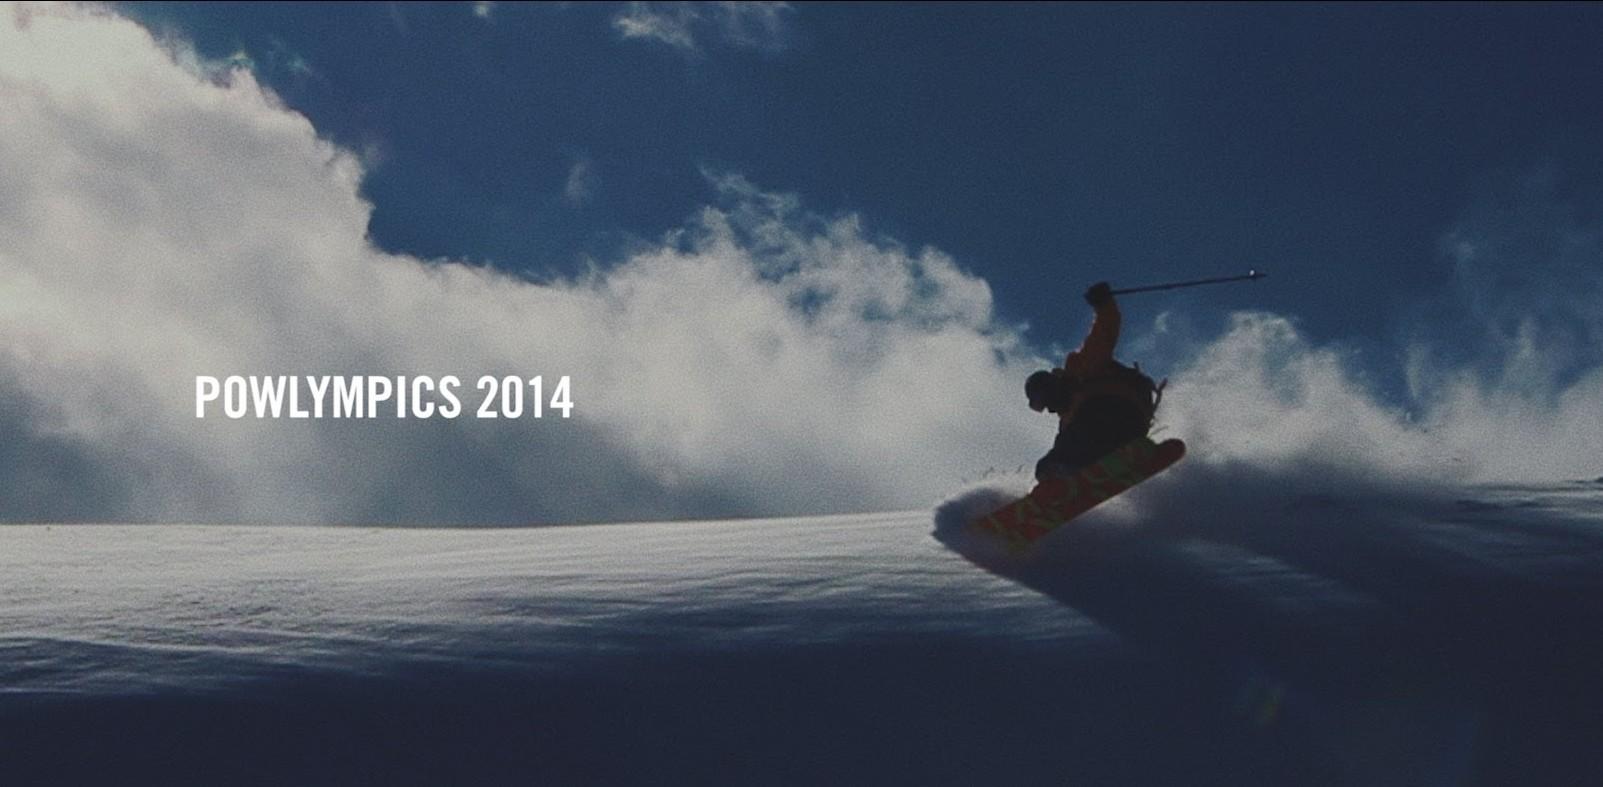 Powlympics 2014